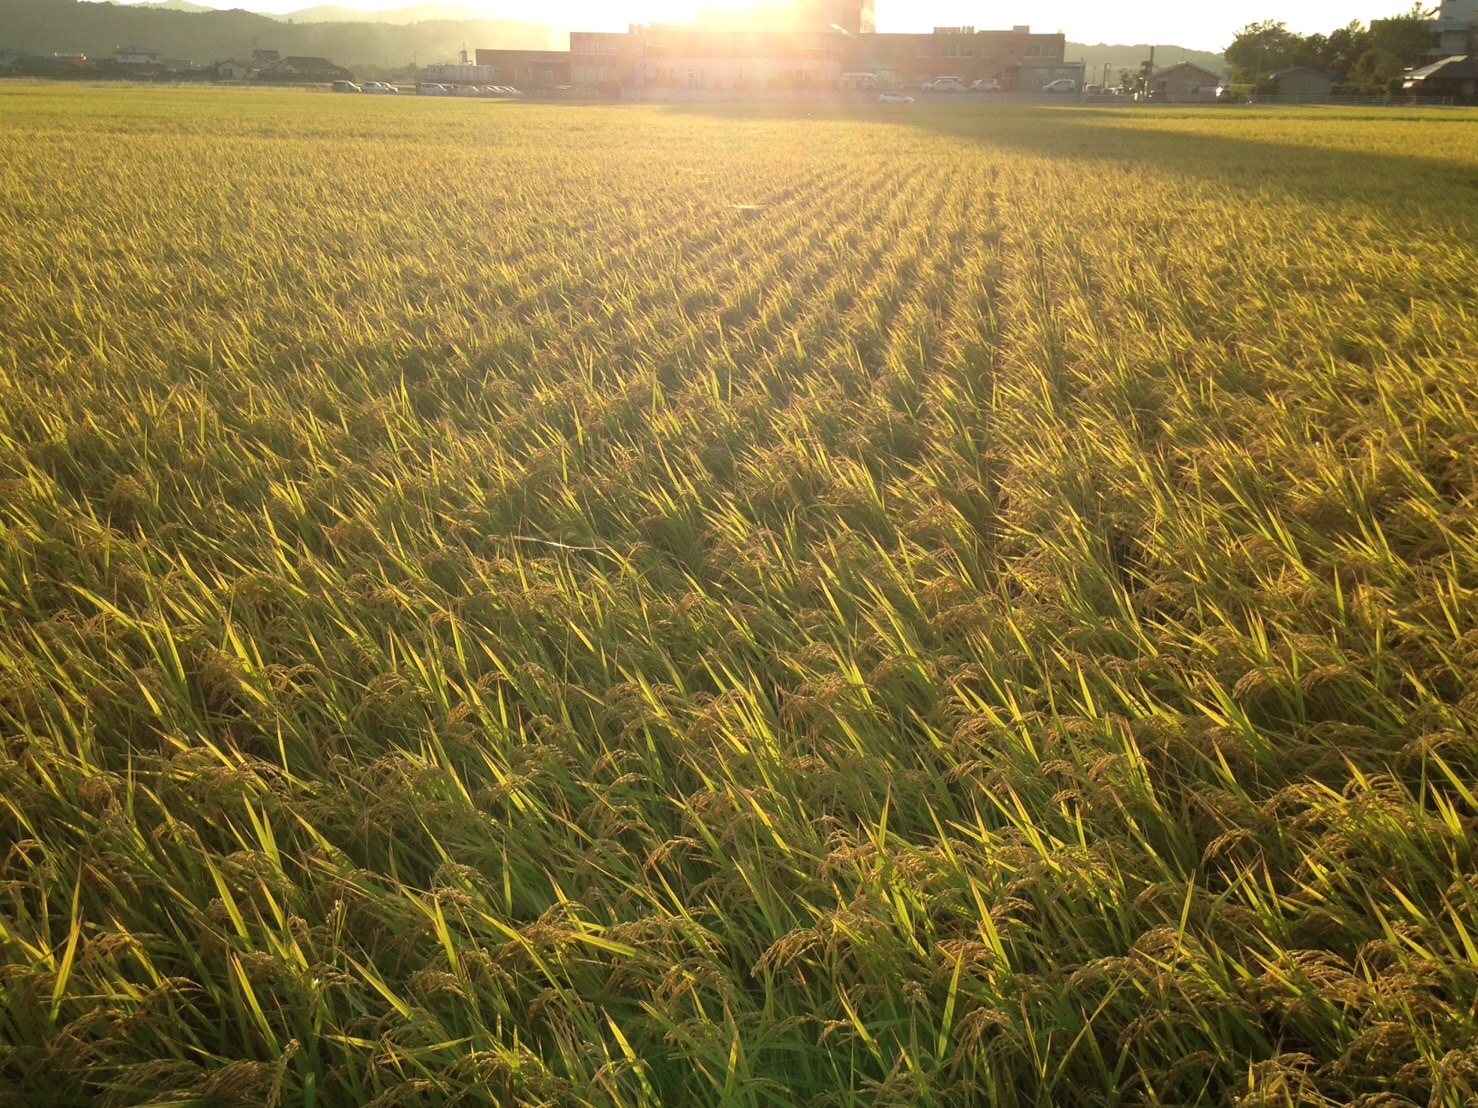 鹿児島の田園風景。黄金色に波打つ稲穂が美しい!